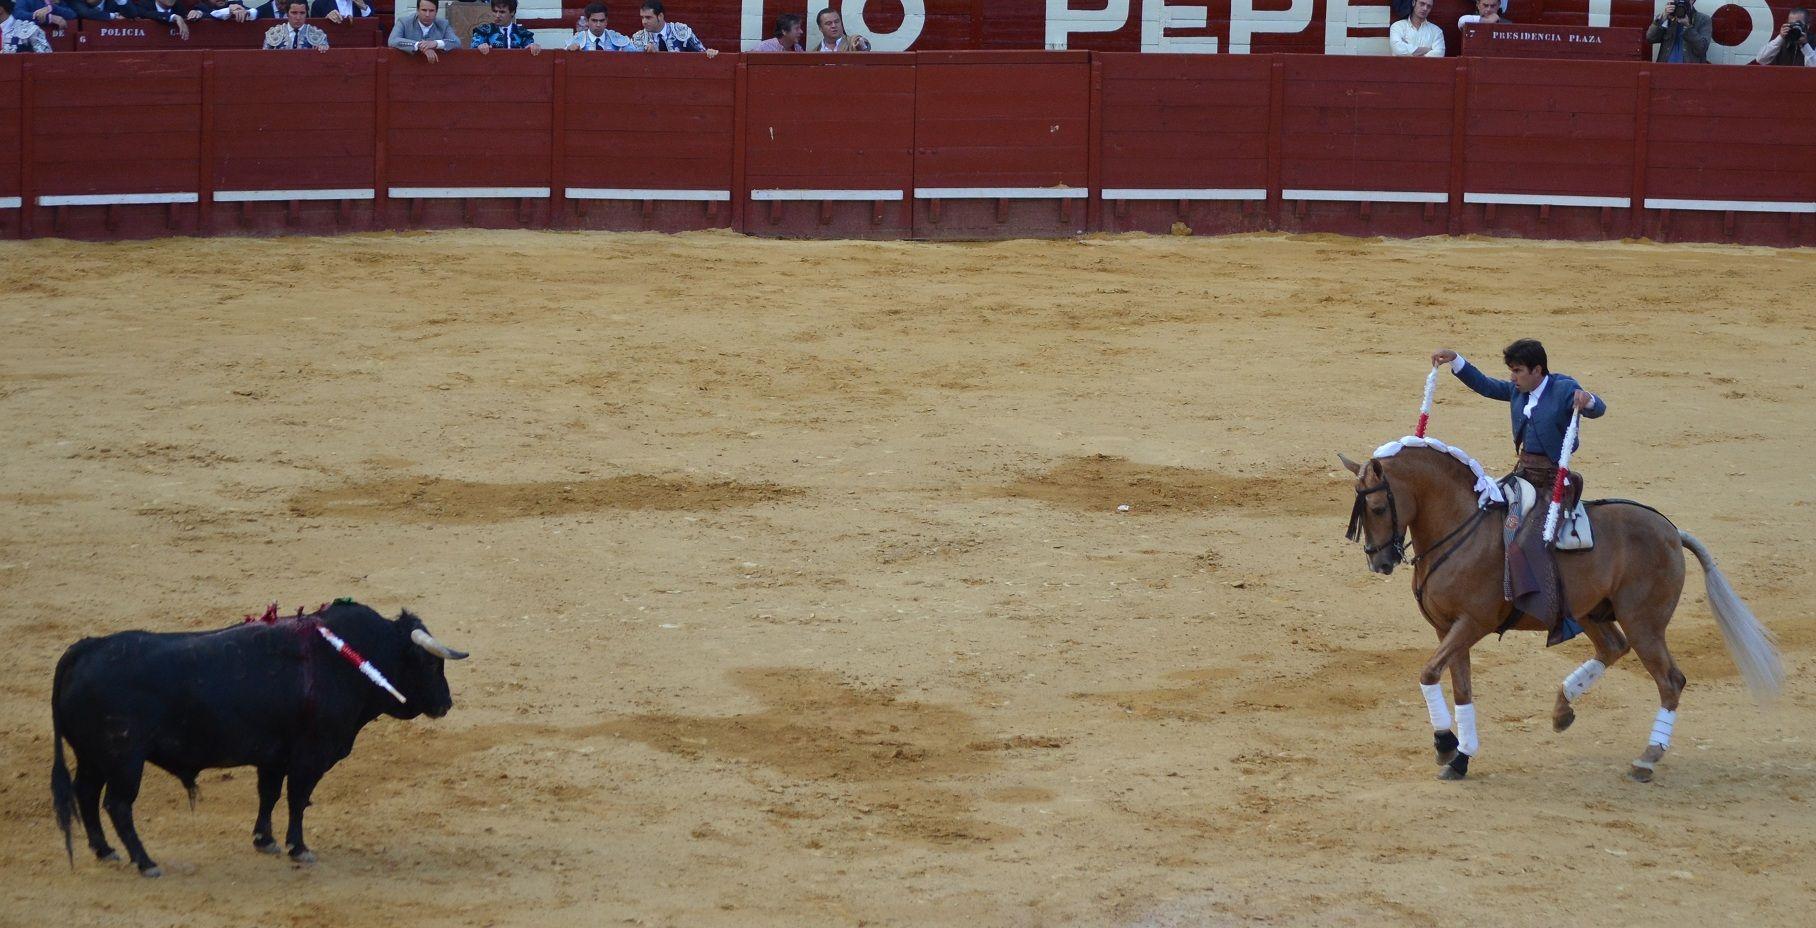 Sergio Galán, golpe de rejón sin romper; pinchazo y rejonazo; silencio | Marciano Breña